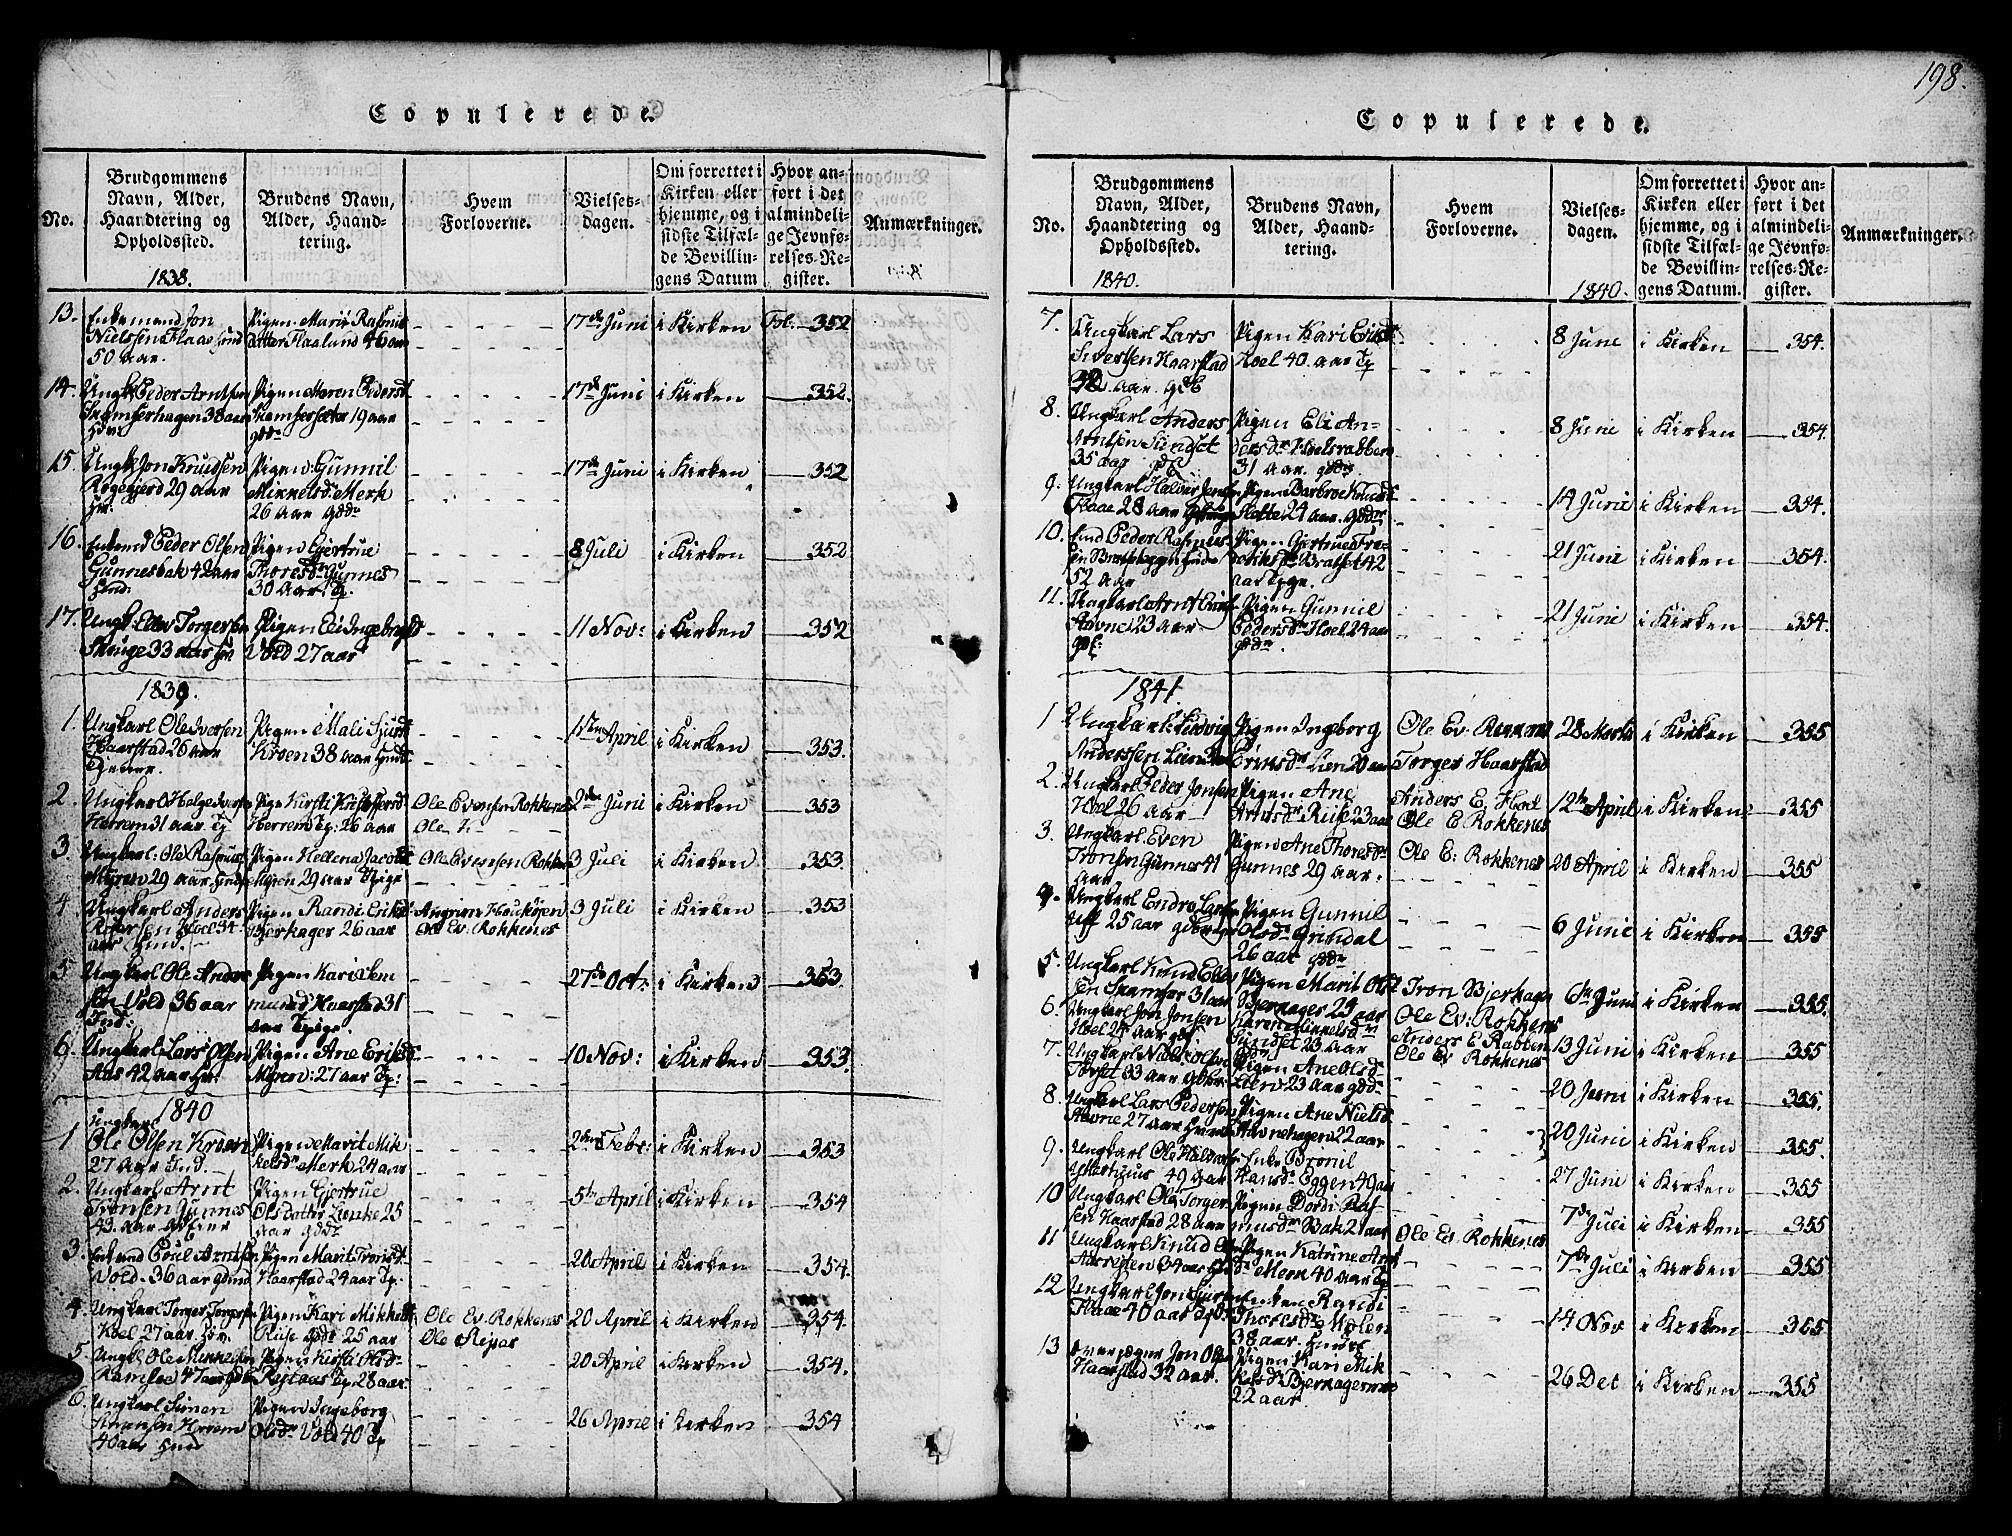 SAT, Ministerialprotokoller, klokkerbøker og fødselsregistre - Sør-Trøndelag, 674/L0874: Klokkerbok nr. 674C01, 1816-1860, s. 198